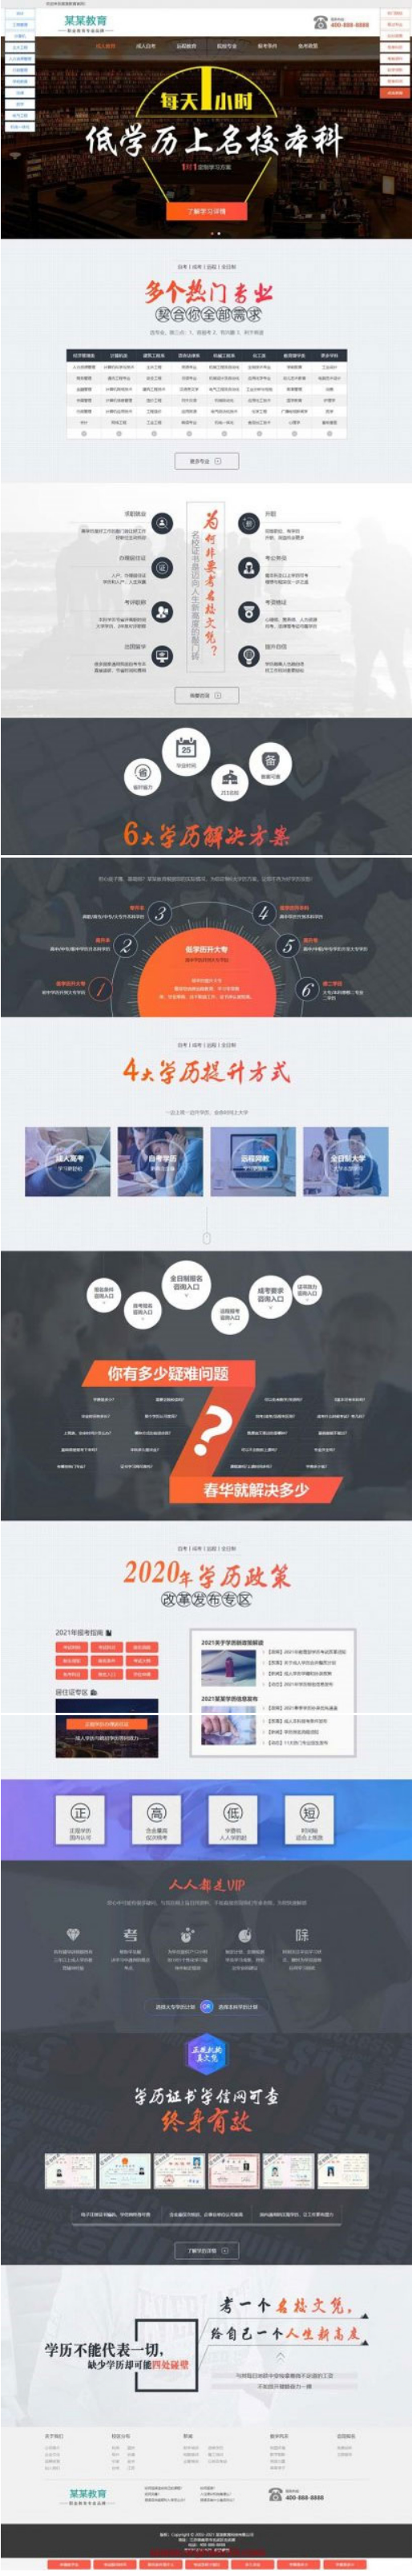 【dedecms】成人高考自考营销型百度竞价推广落地页梦模板 带WAP端-爱资源分享